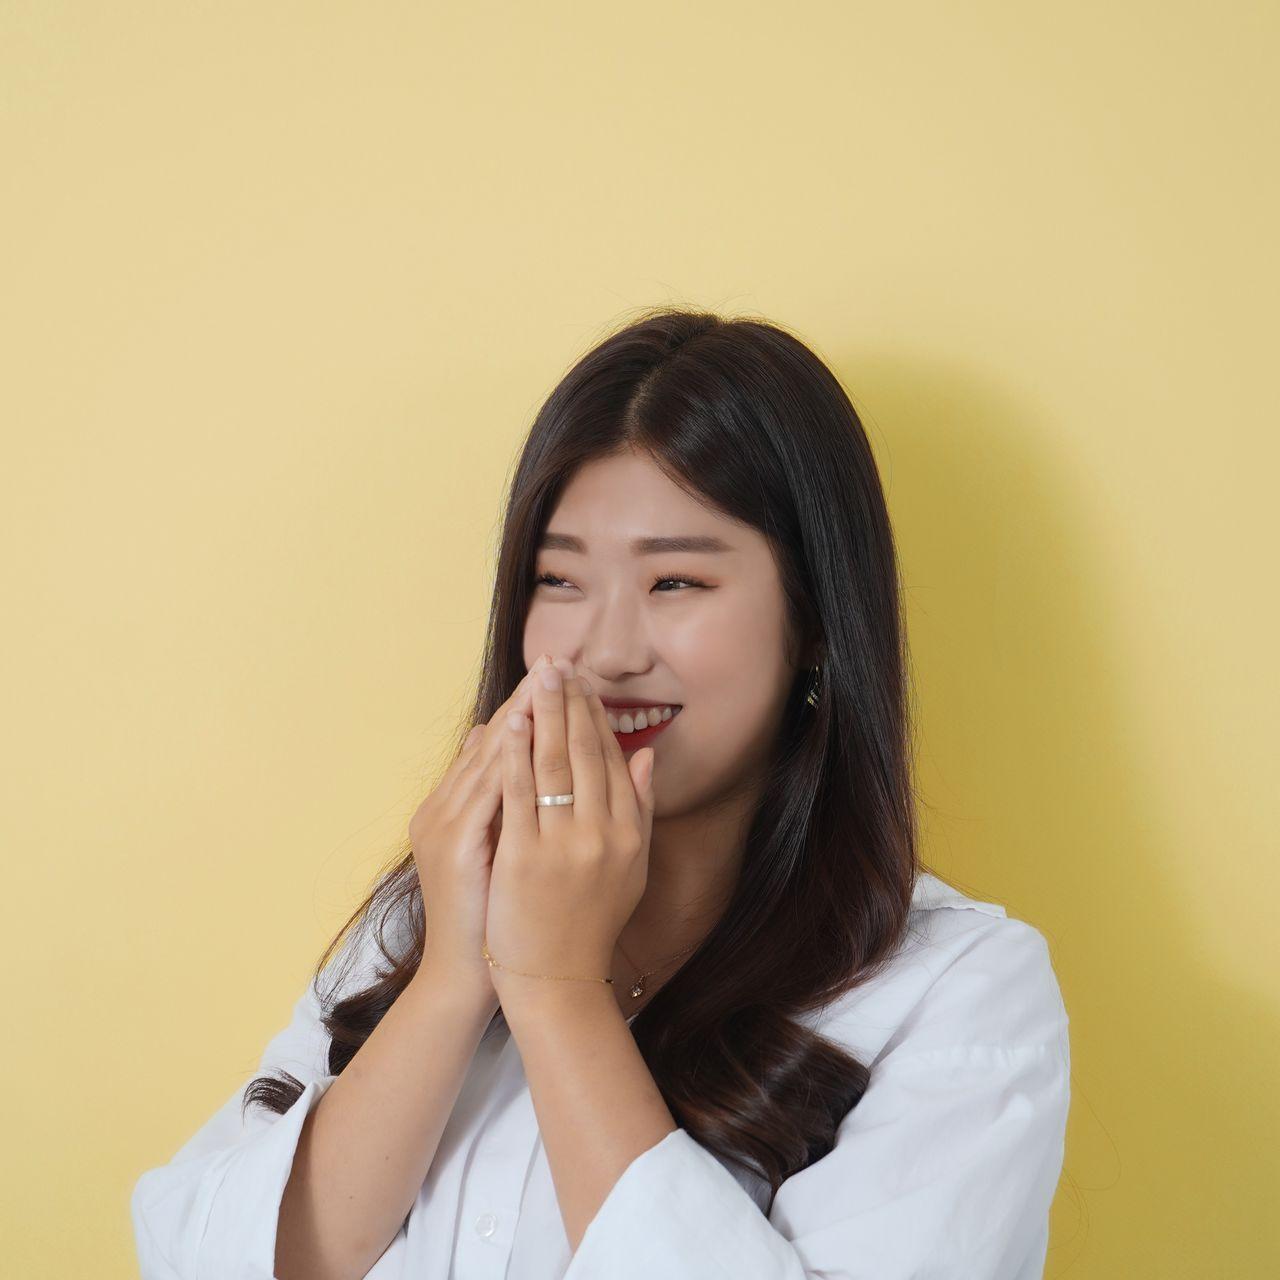 <b>Yu Hyeon Seon</b><br>Lead Fundraiser<br>